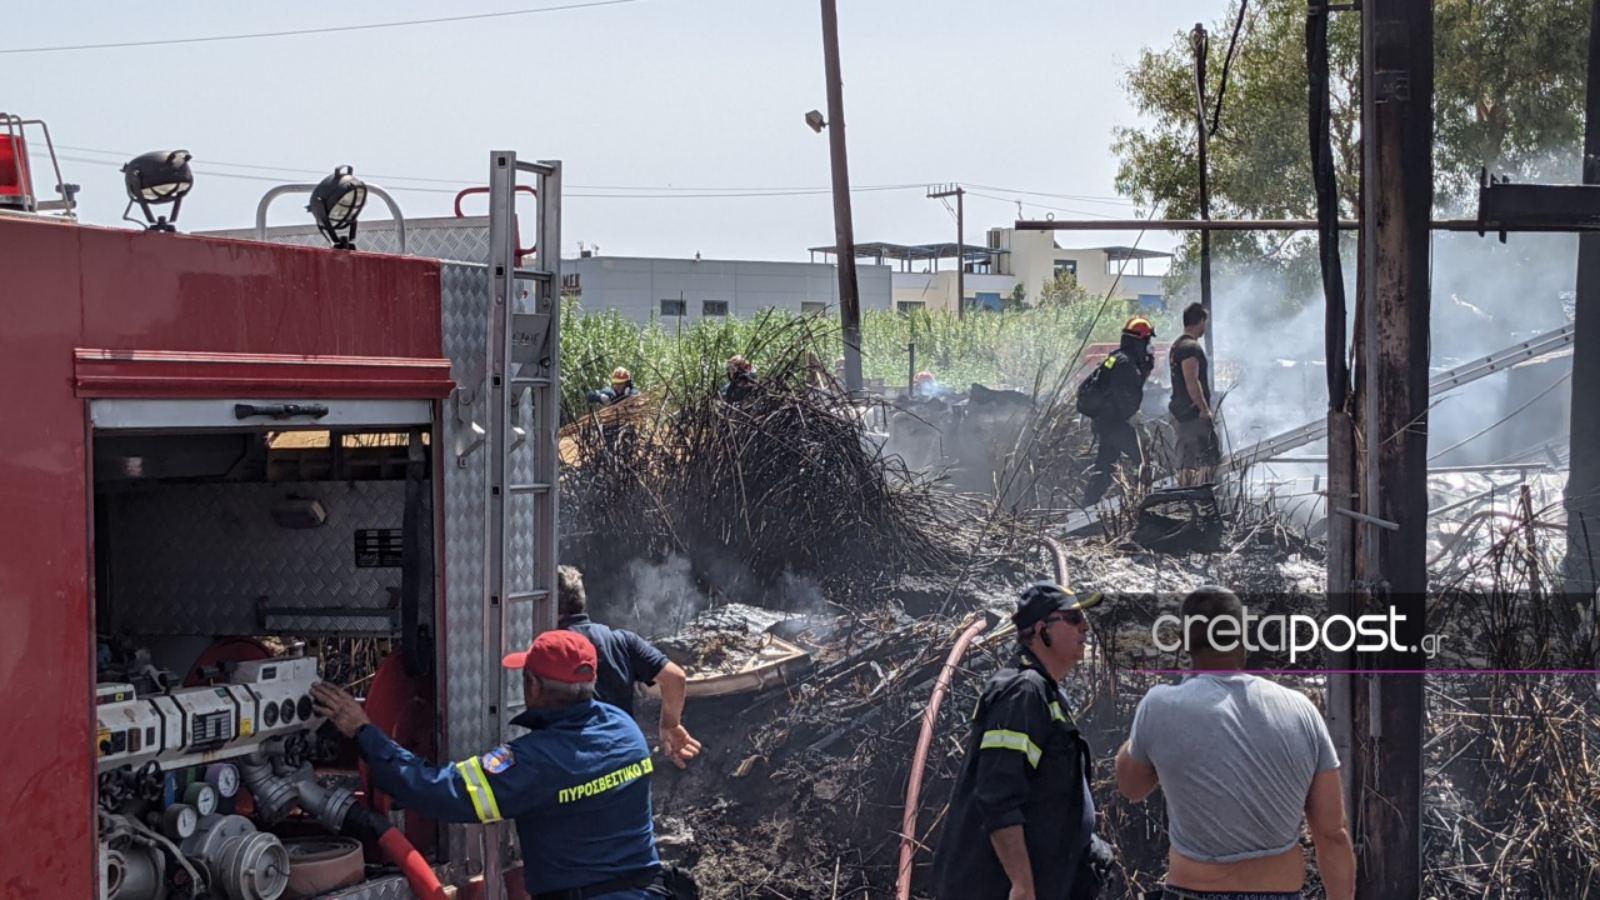 Κρήτη: Μία σύλληψη για τη φωτιά κοντά σε βενζινάδικο